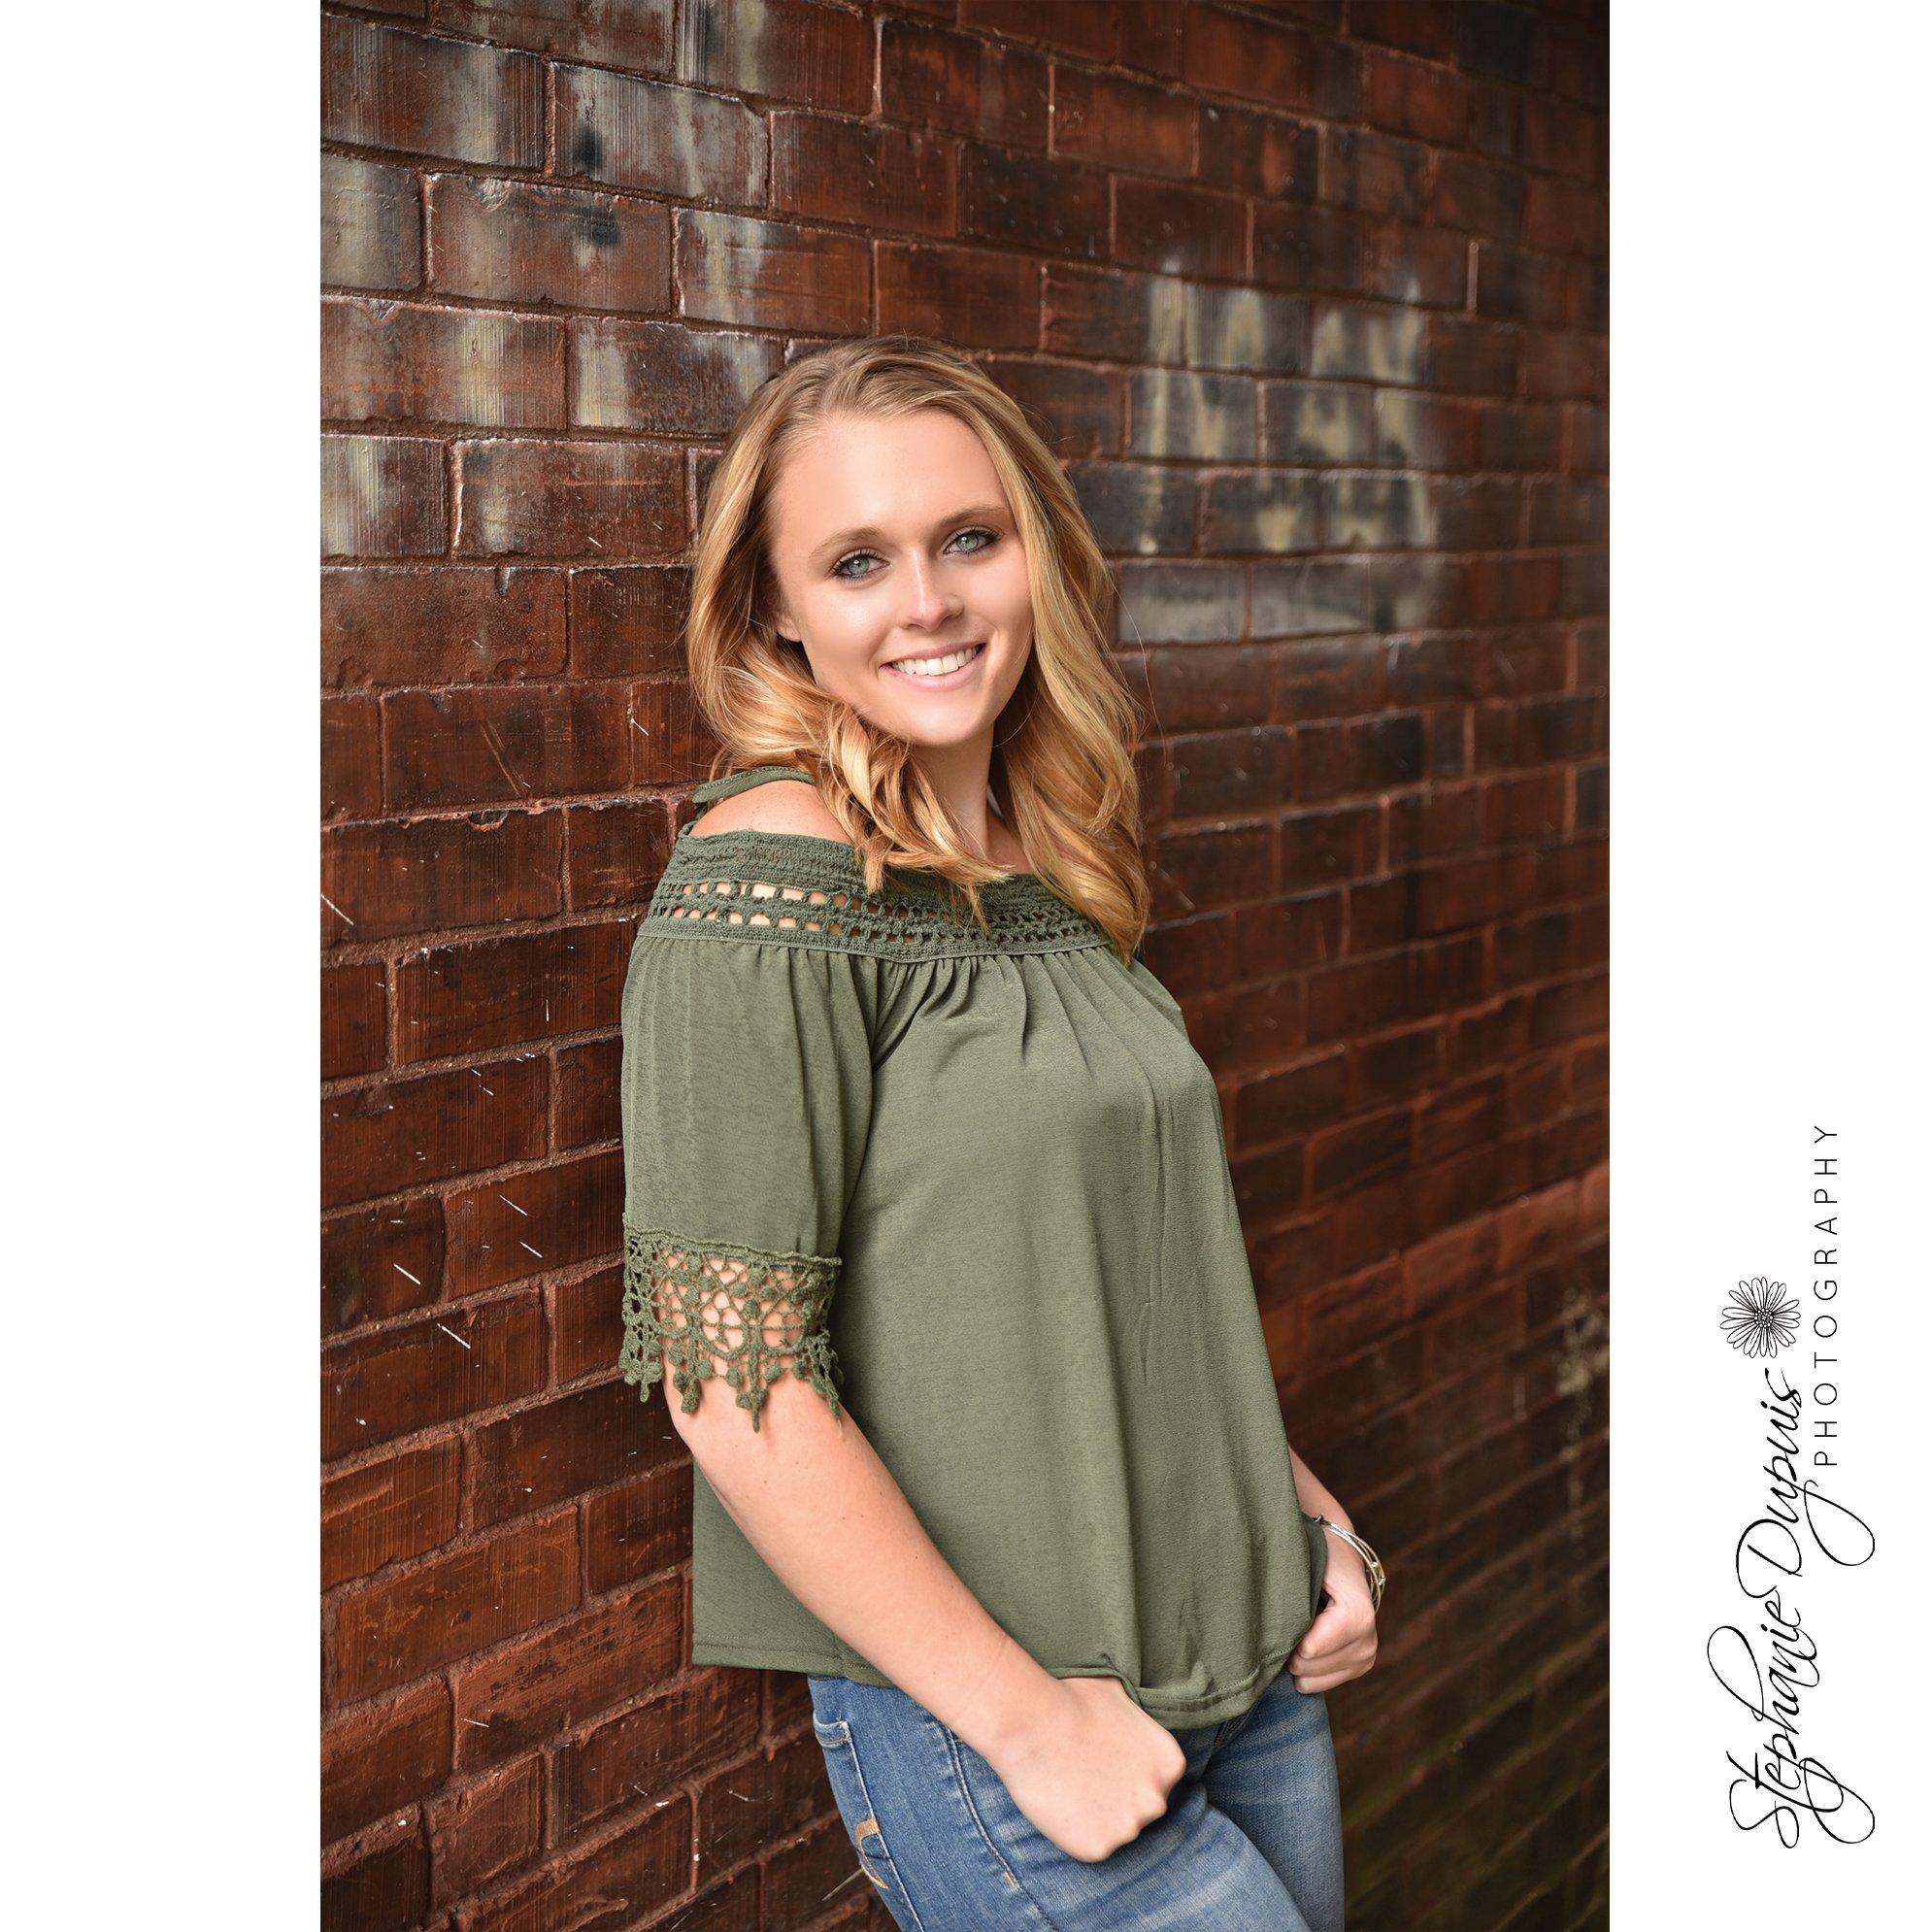 Skylar Senior 1013 - Portfolio: Skylar - HS Senior Session